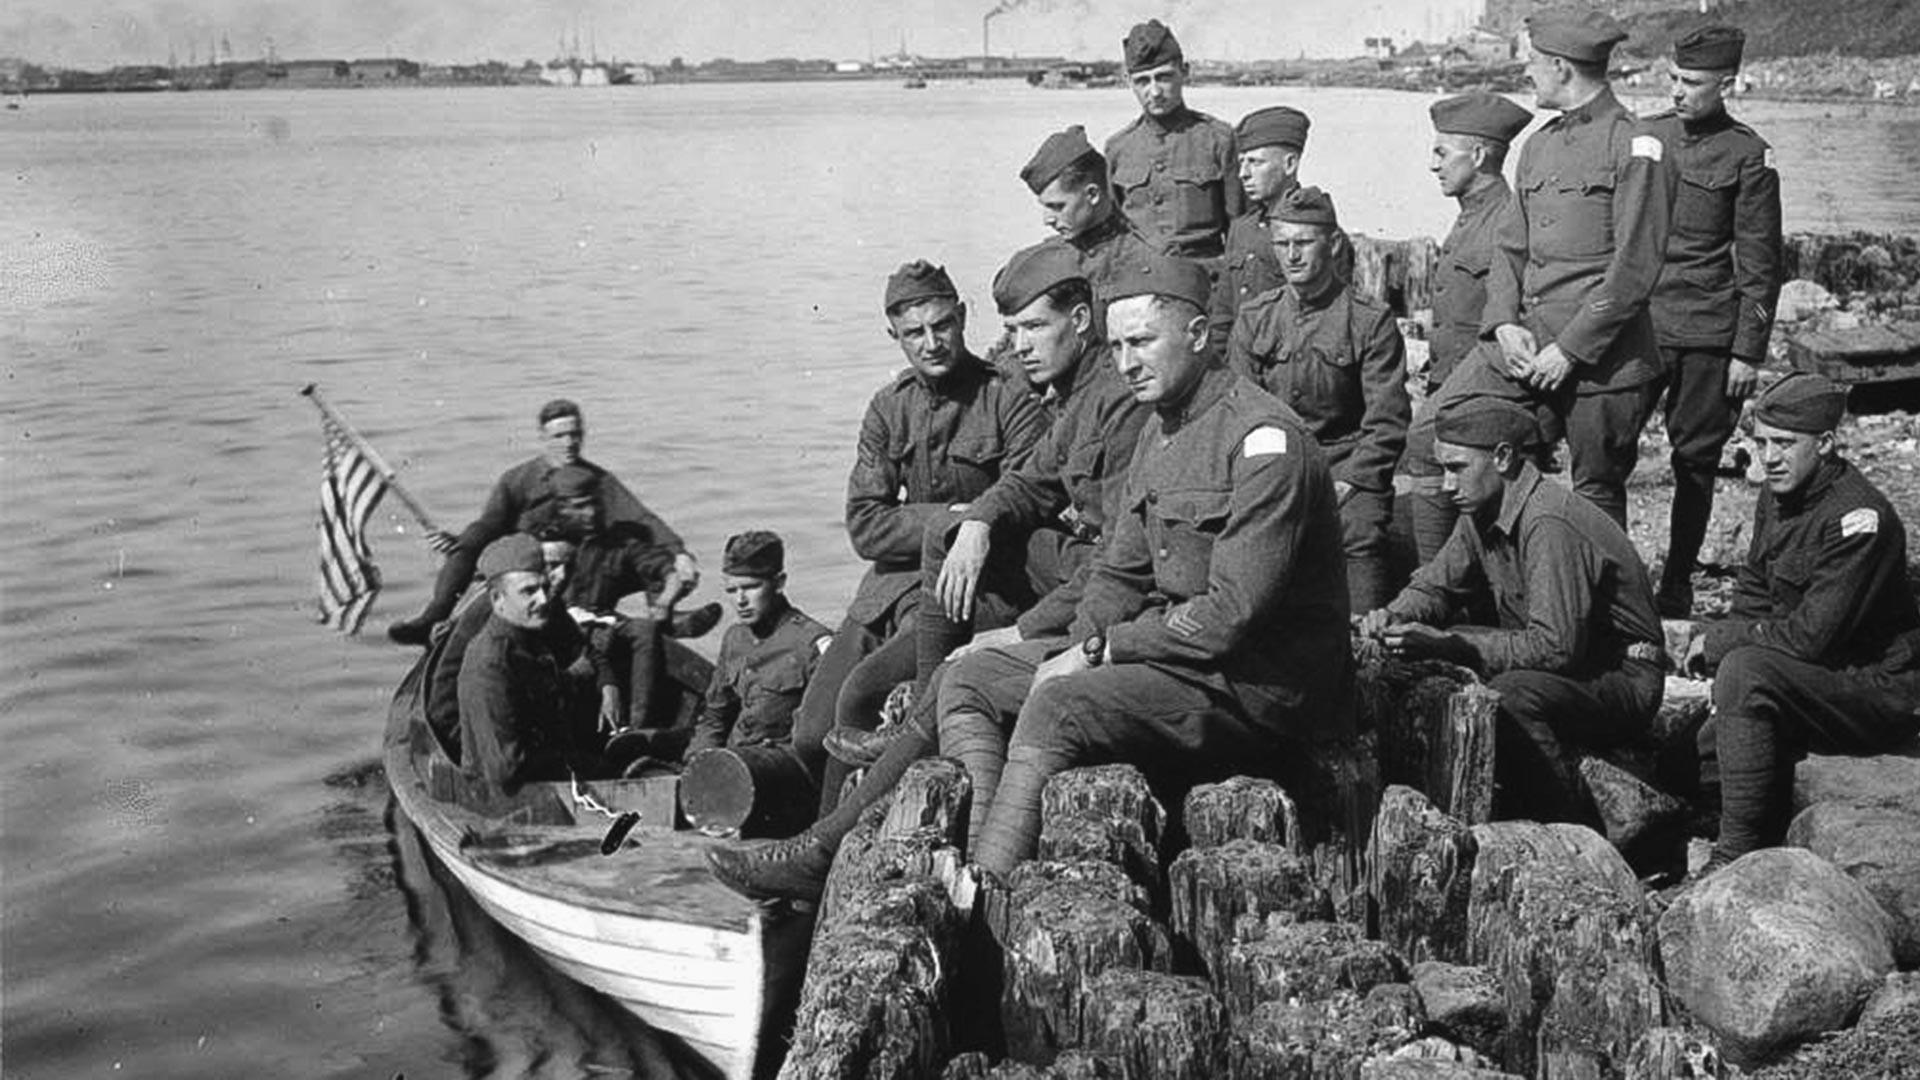 Američki vojnici čekaju brodove koji će ih vratiti kući, ljeto 1919.